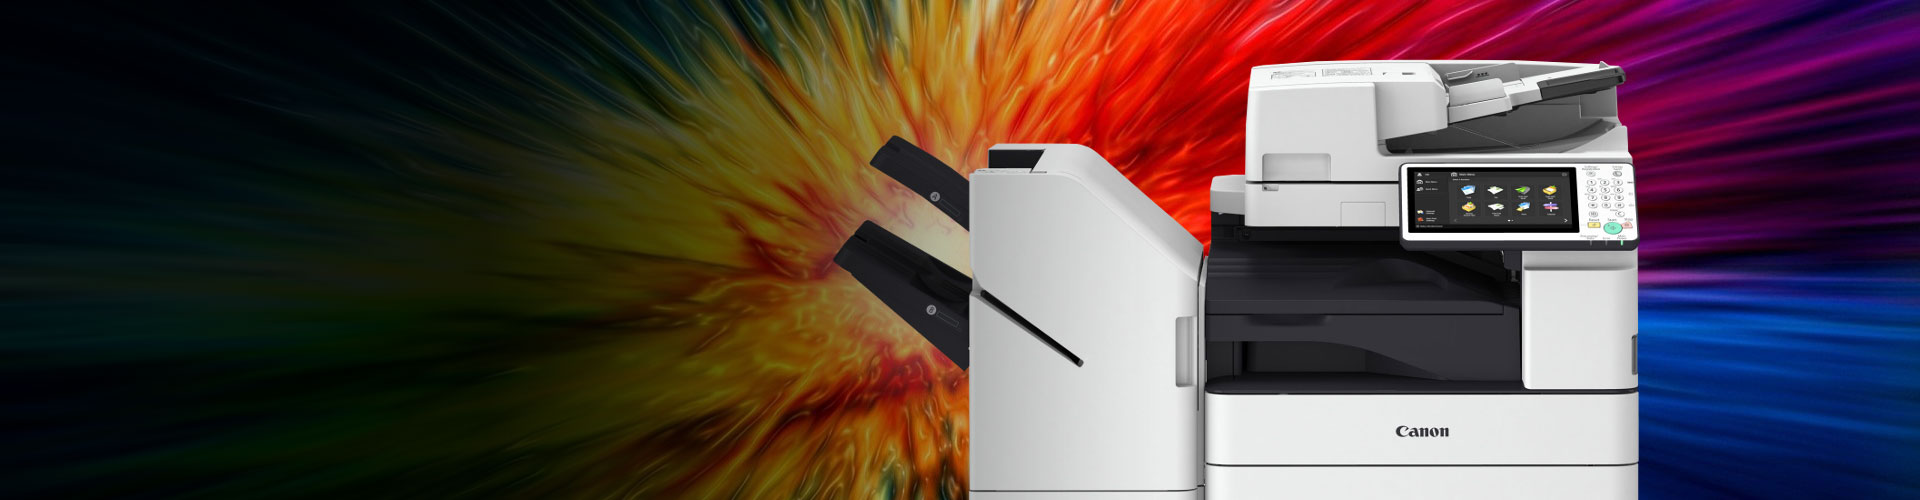 fotocopiatore-canon